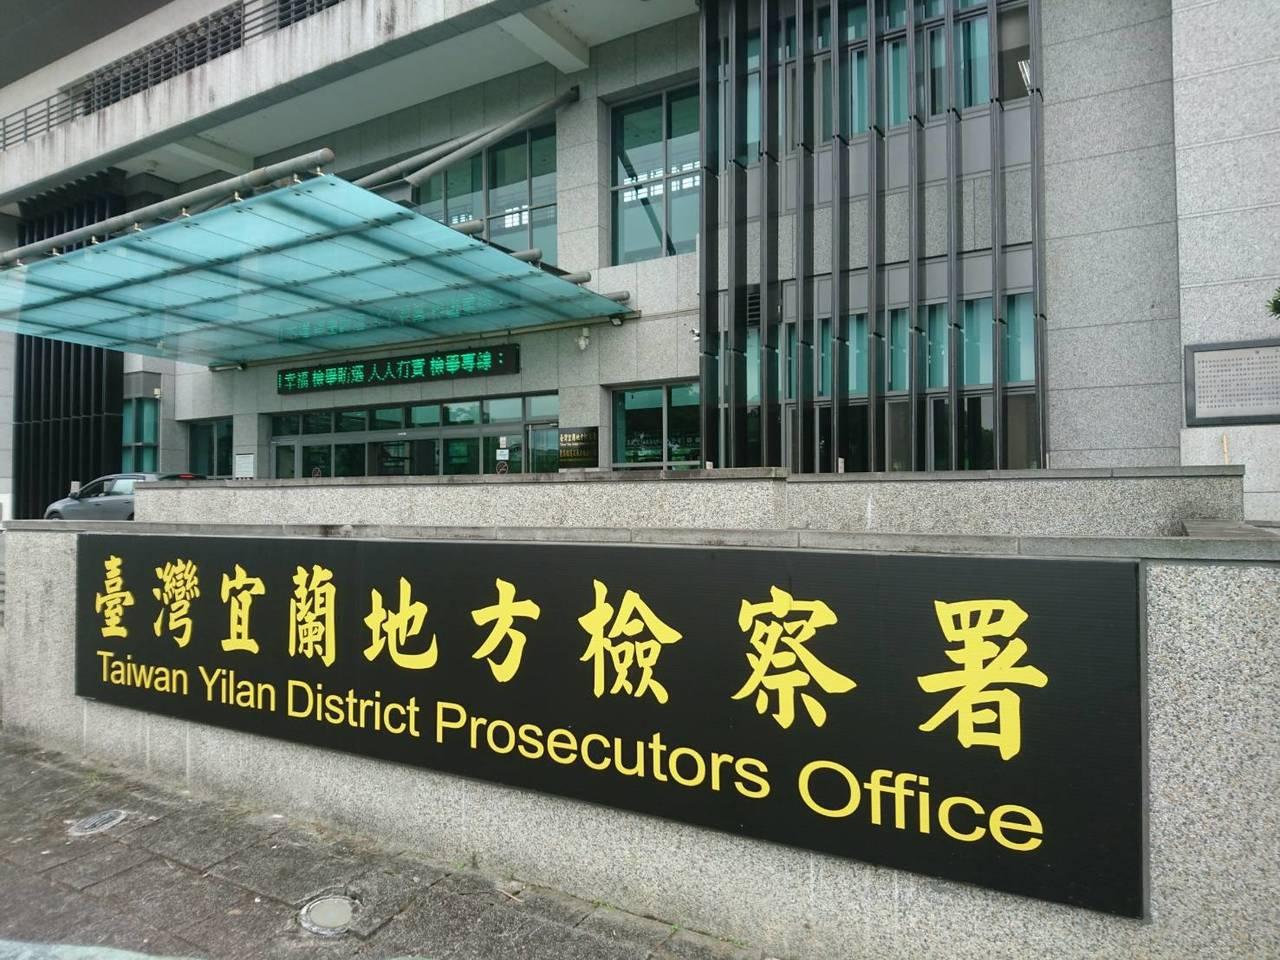 宜蘭一名潘姓退休員警以溫泉旅館開應召站被宜蘭地檢署起訴。資料照片